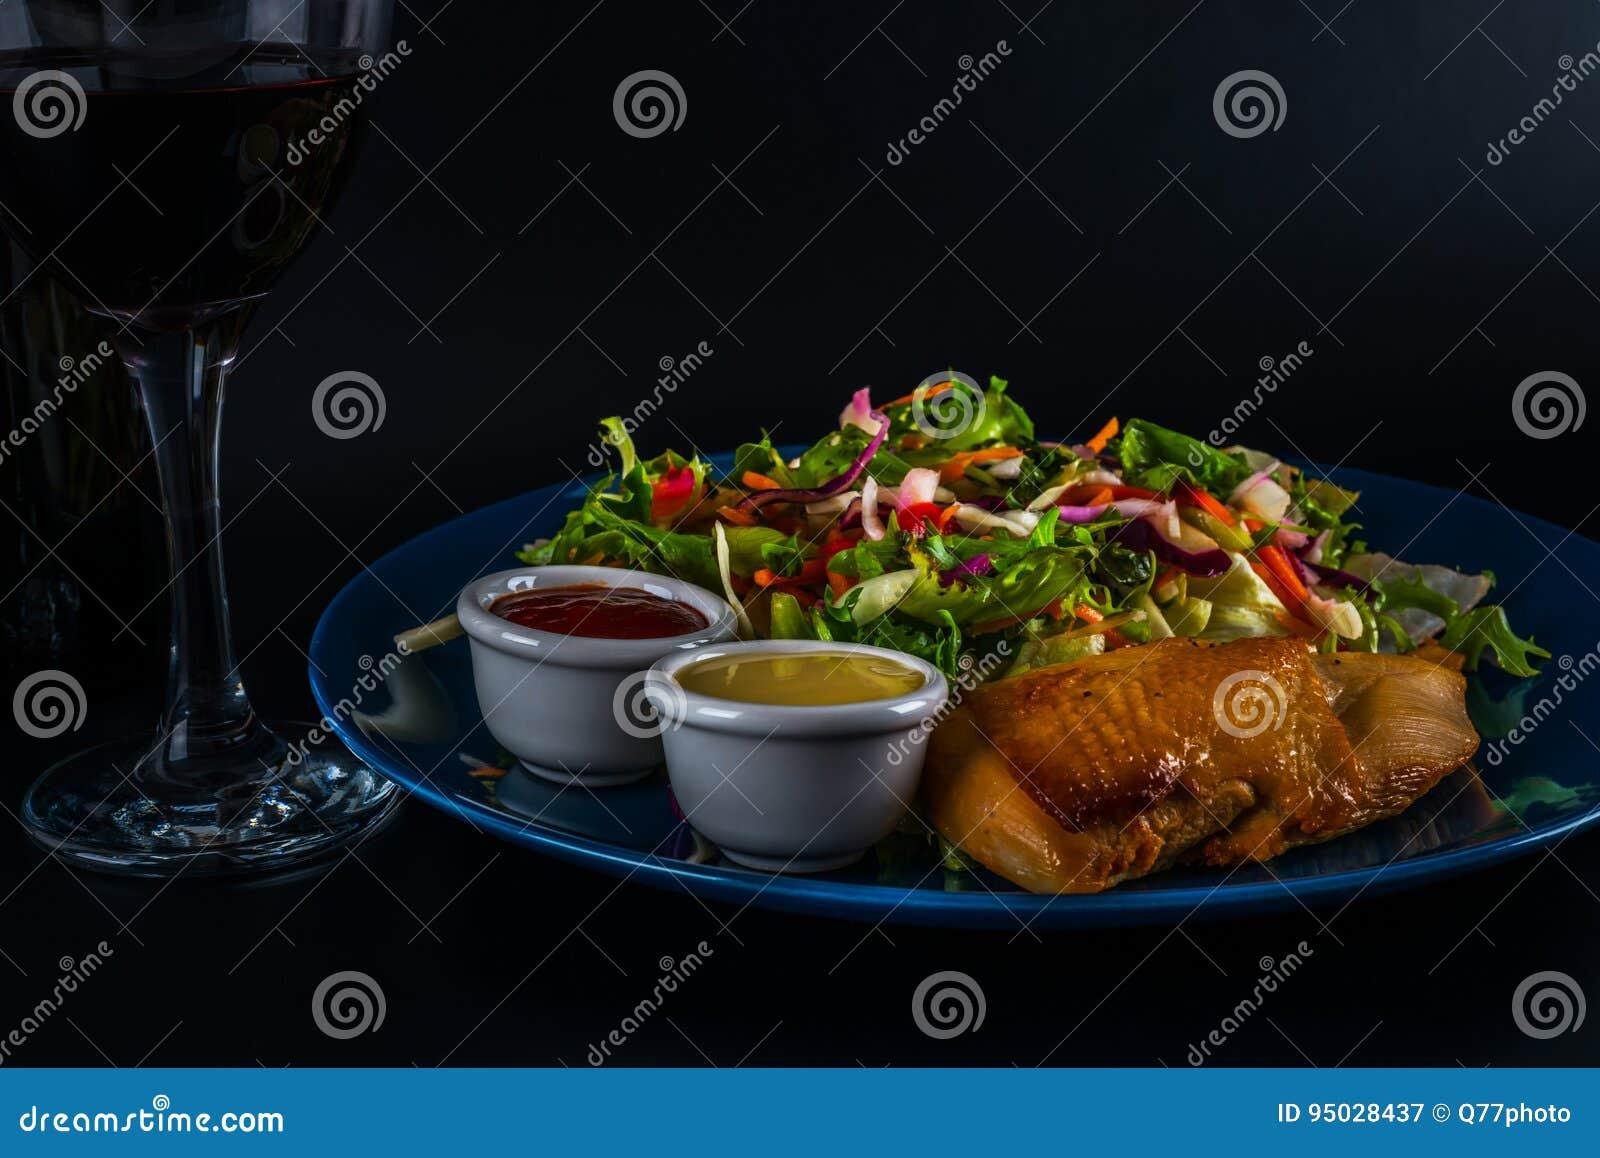 Brathähnchenbrust mit Kopfsalatmischung und zwei Soßen, blaue Platte